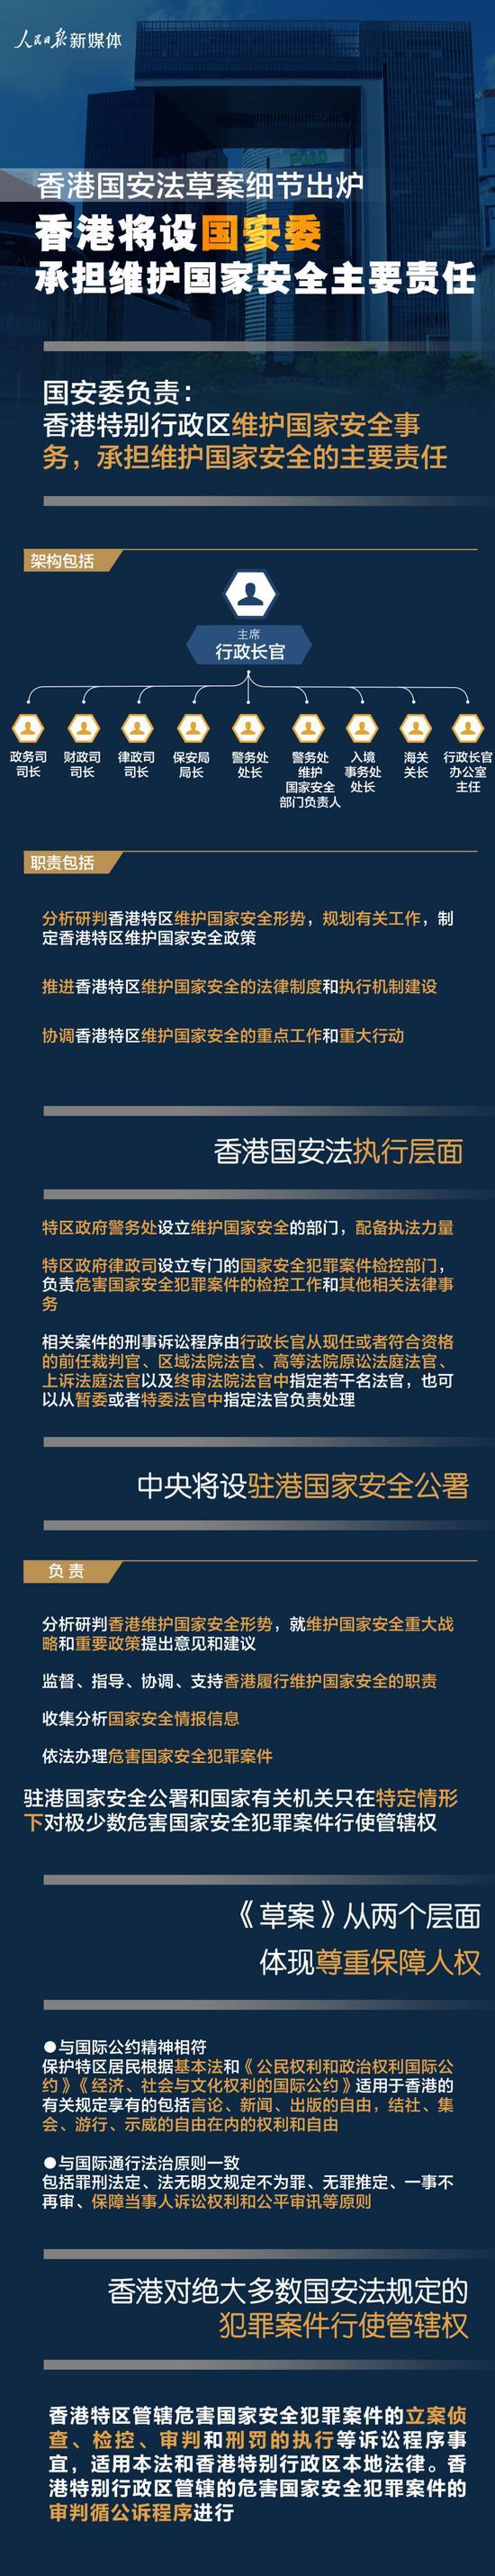 「天富官网」香港国安法天富官网草案一图概览图片